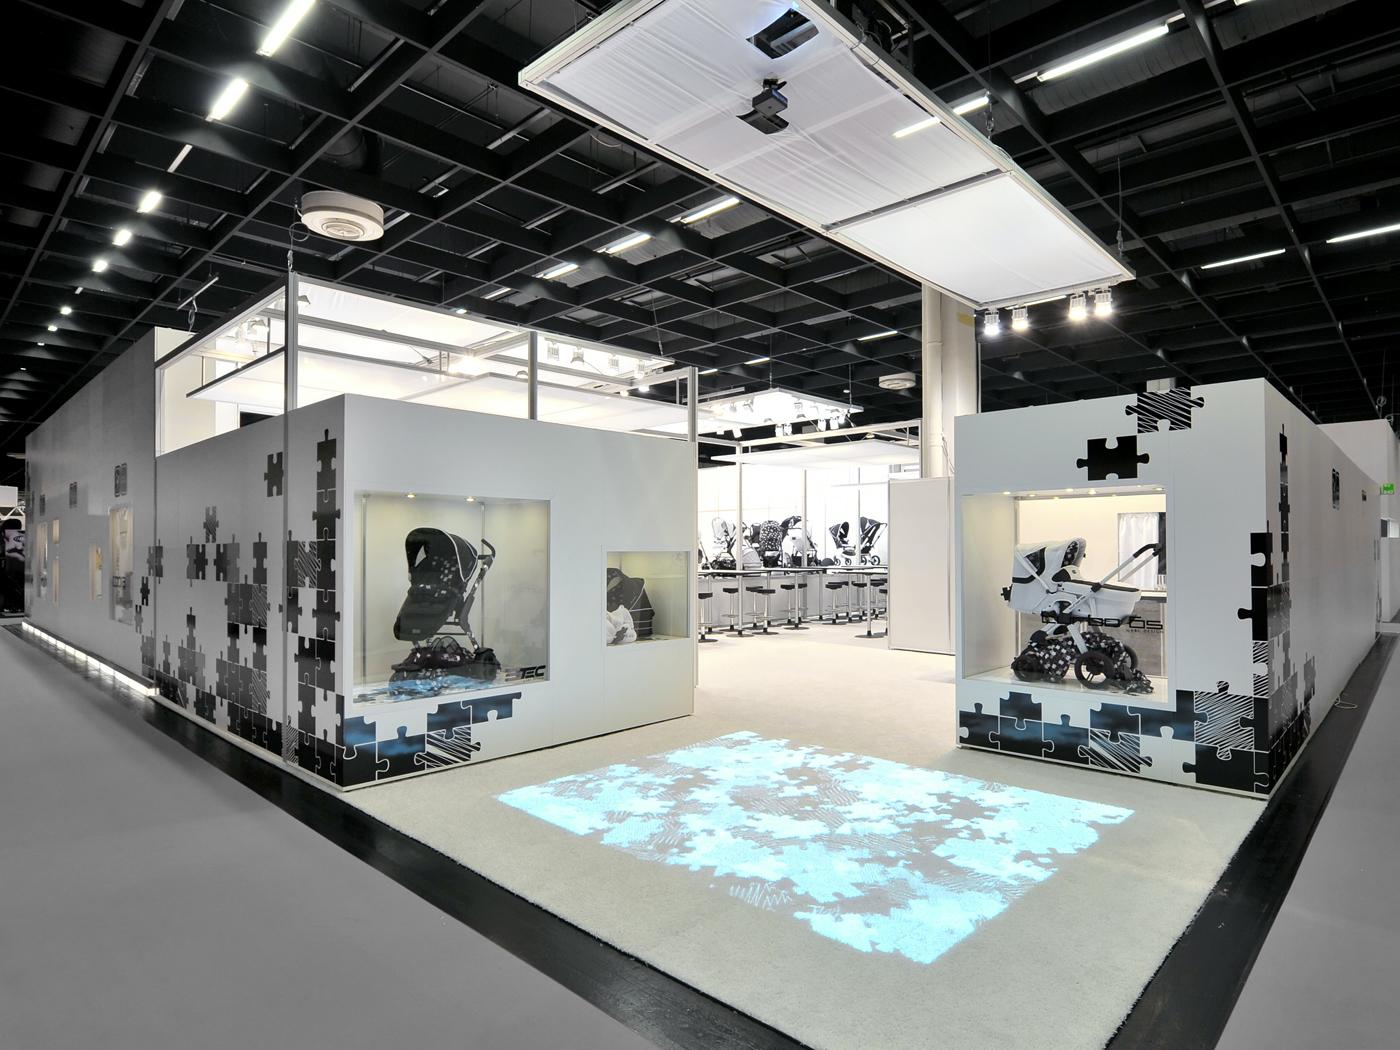 FX Design - Messestand - ABC Kind und Jugend 2011